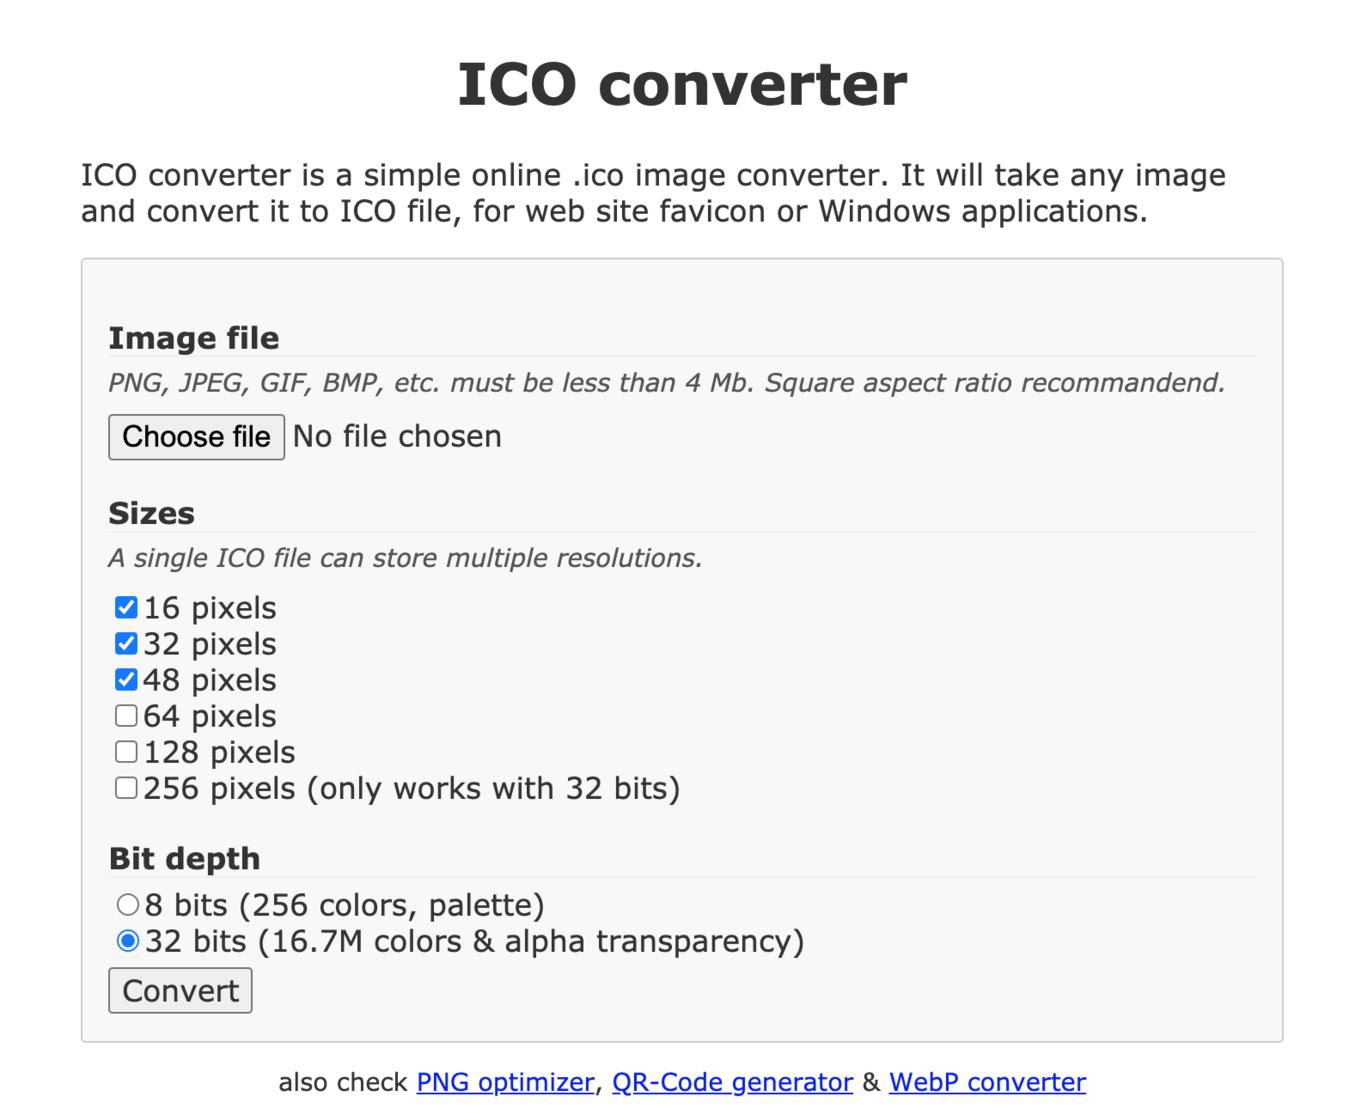 Icocoverter - melhores geradores de favicons